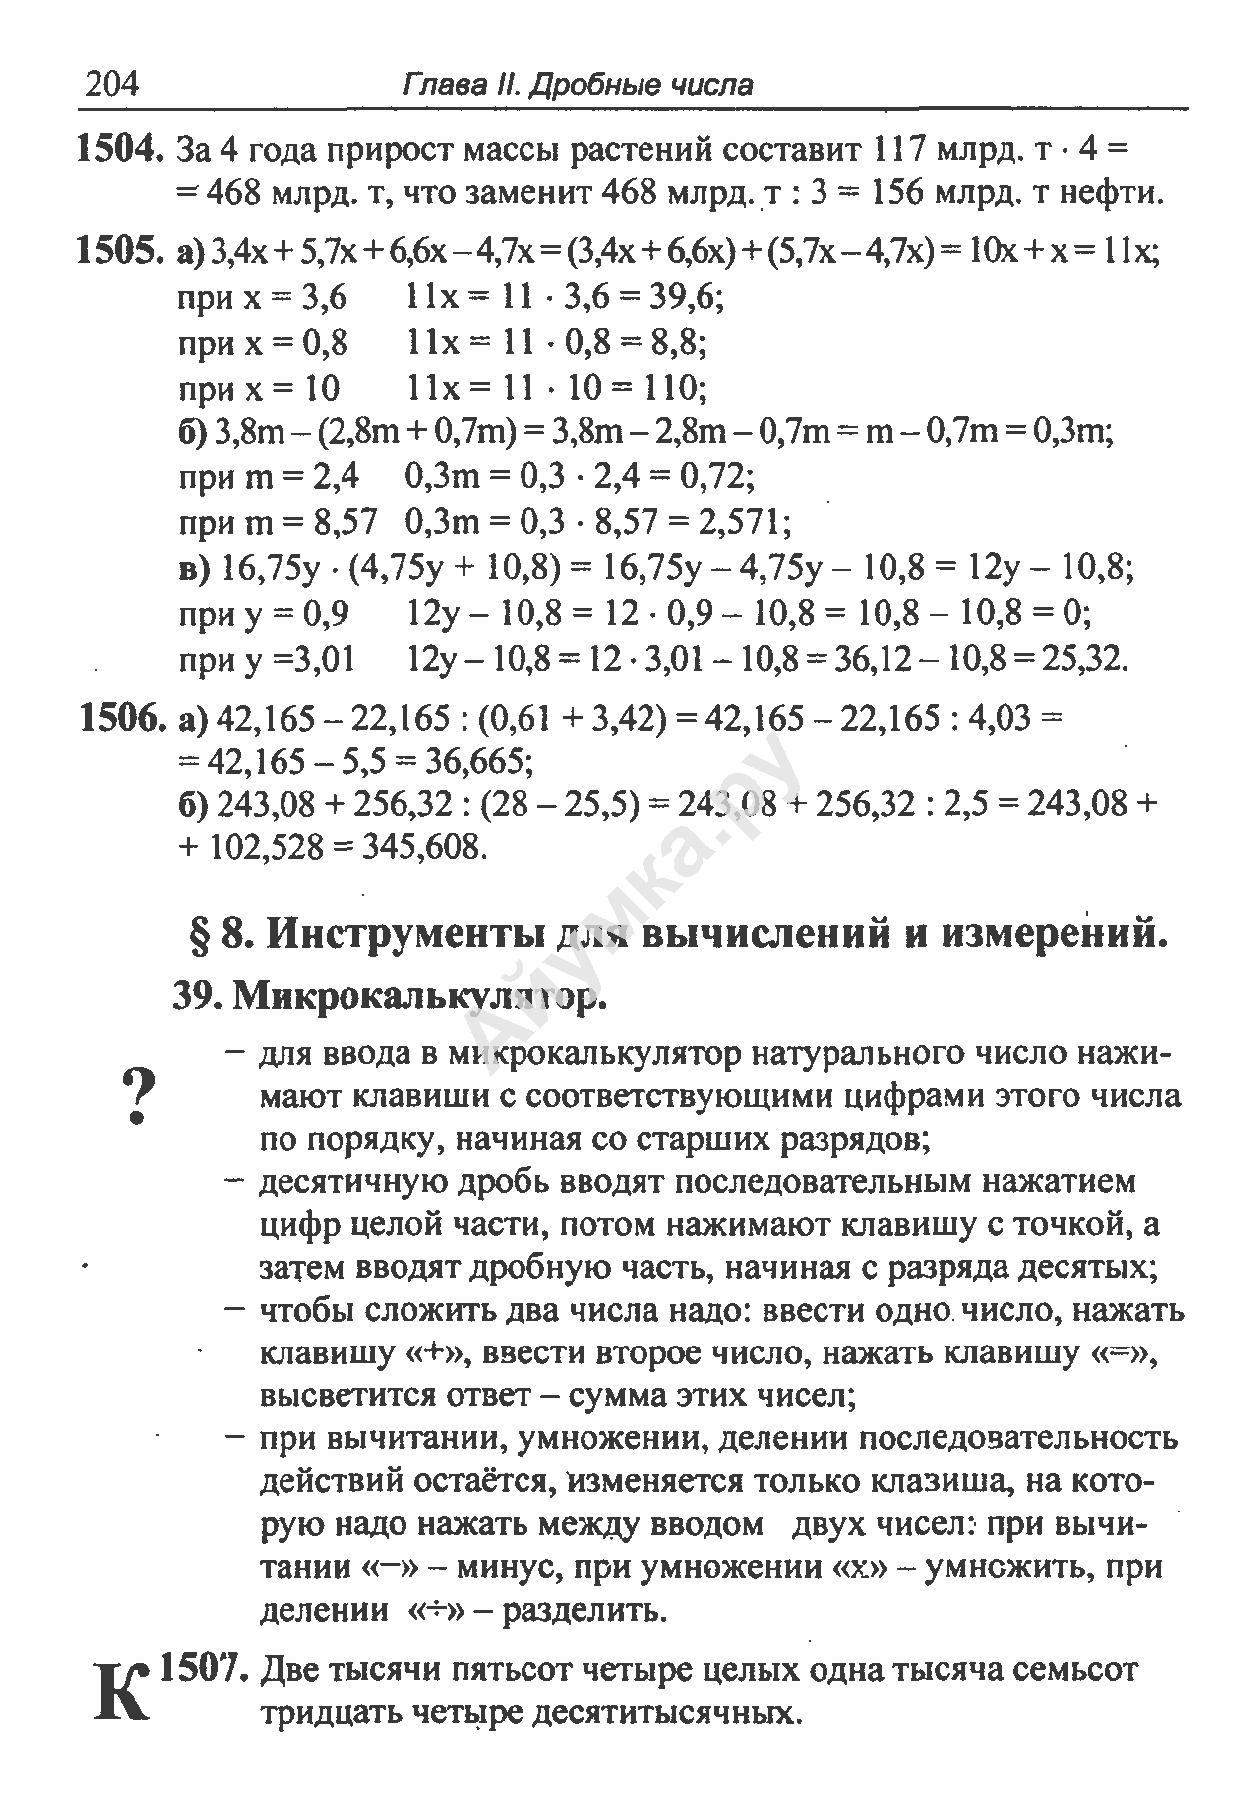 Решебник по русскому языку 6 класс львова и львов 1 часть 2018 год